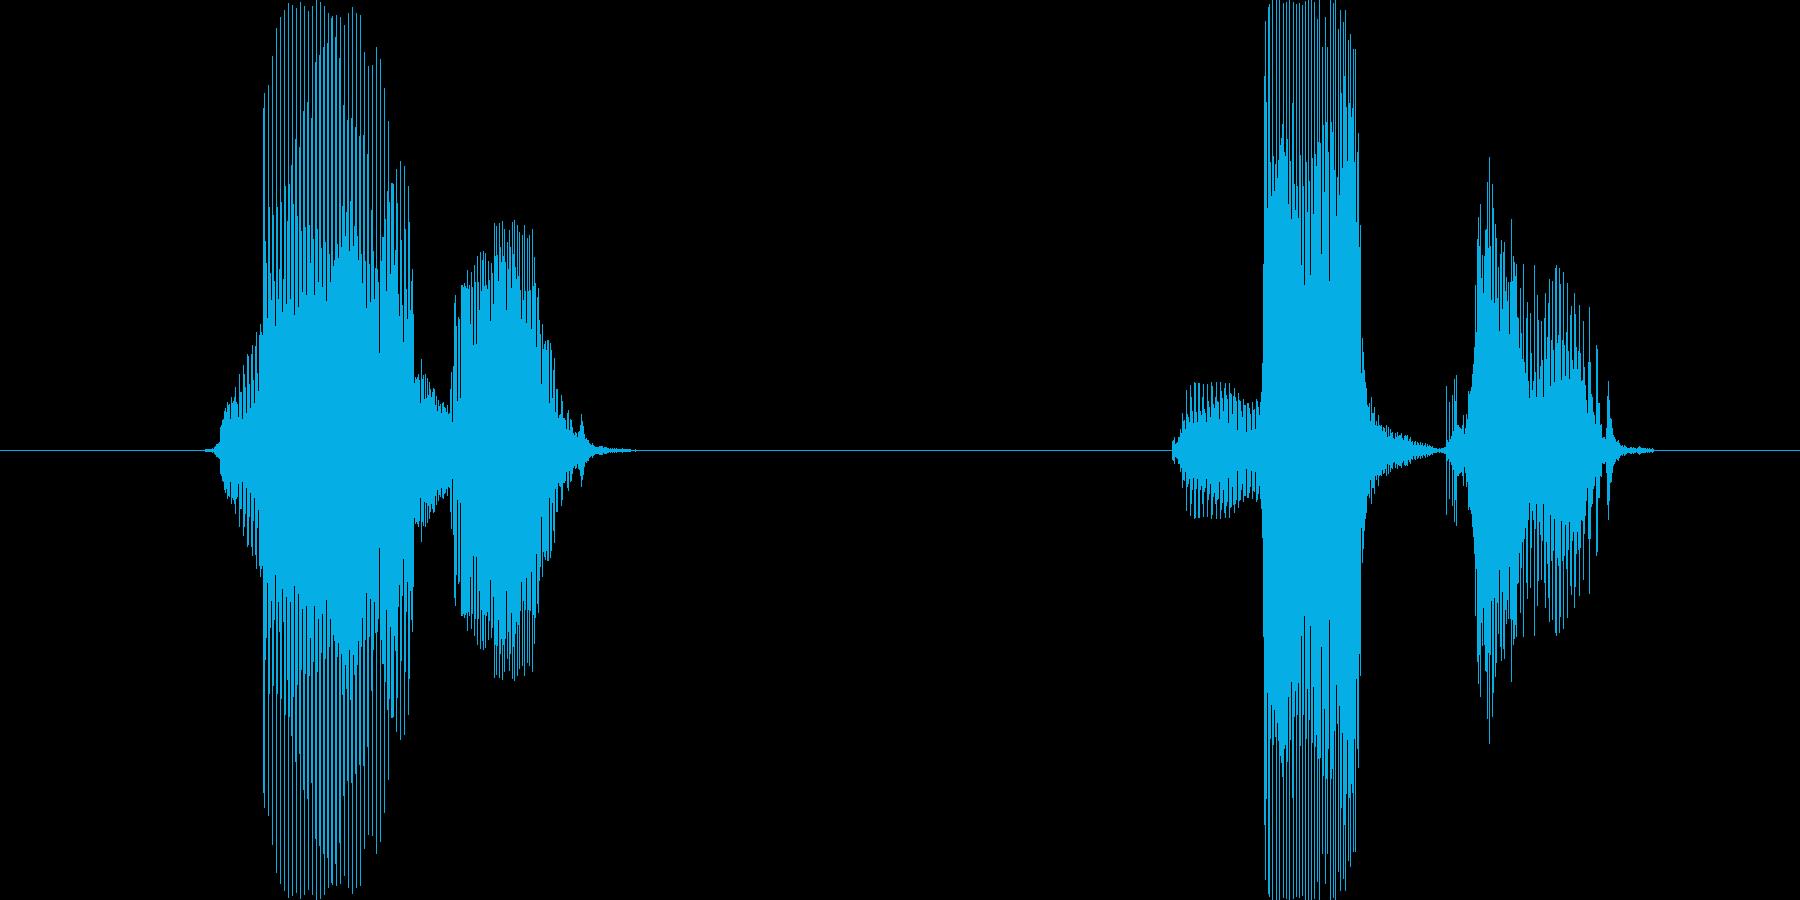 マル、バツの再生済みの波形